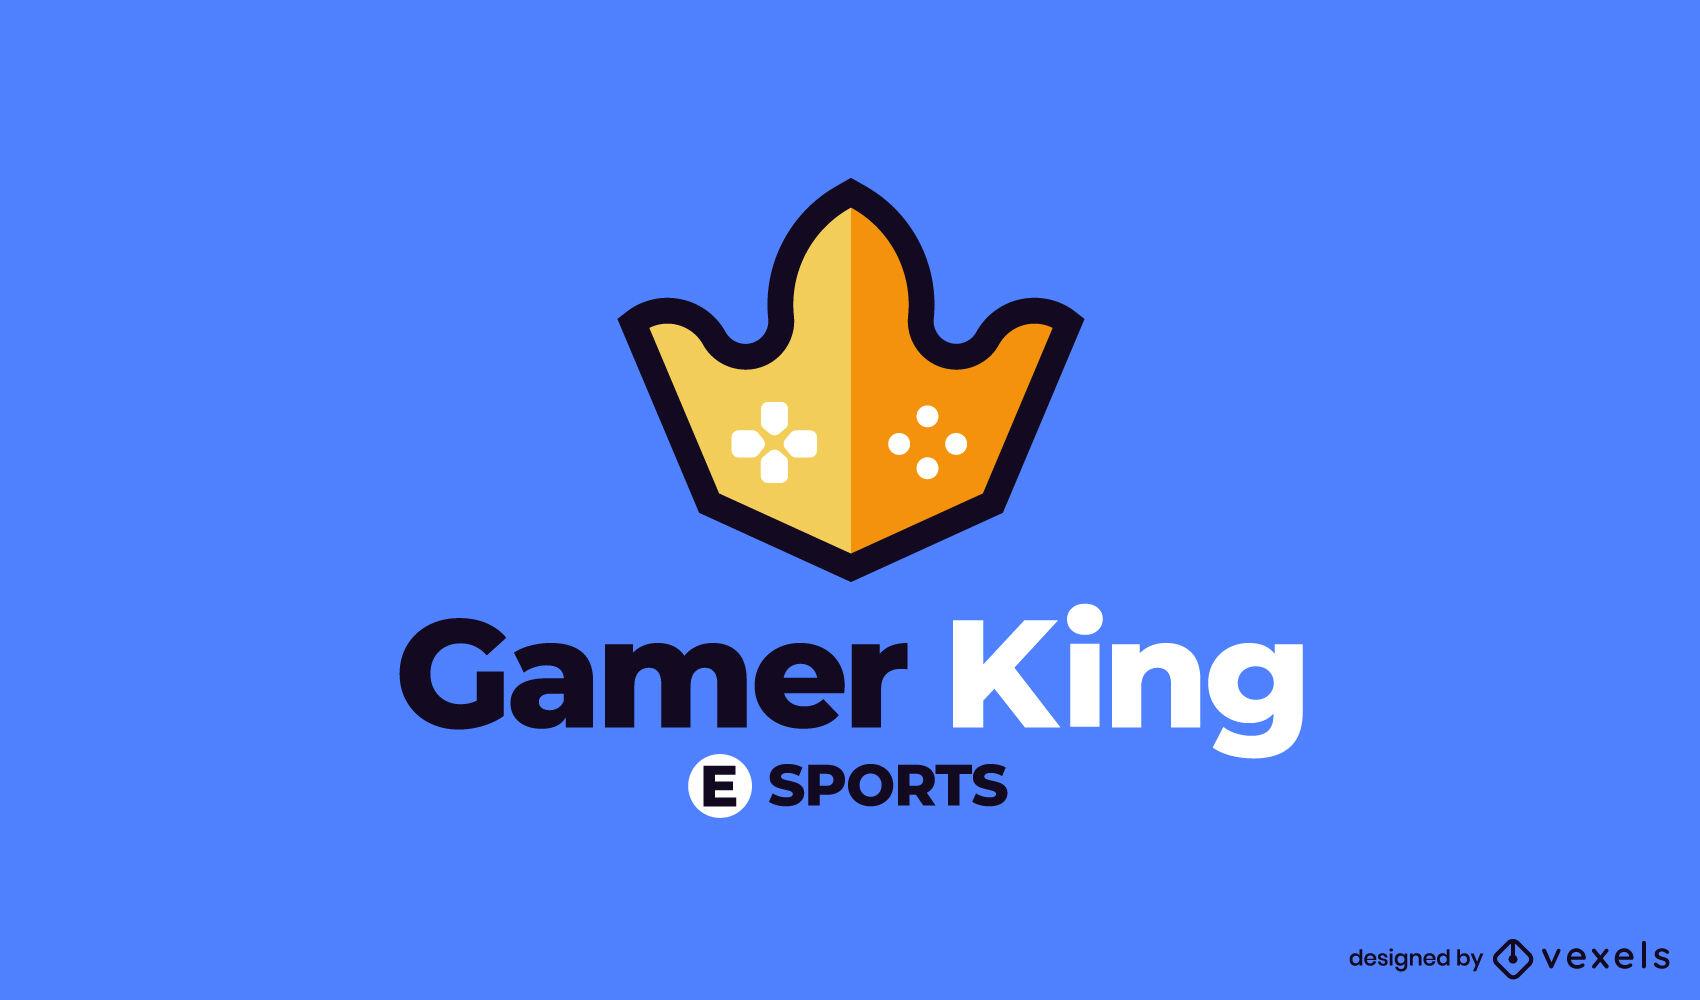 Farbstrich-Logo der Gaming-Krone